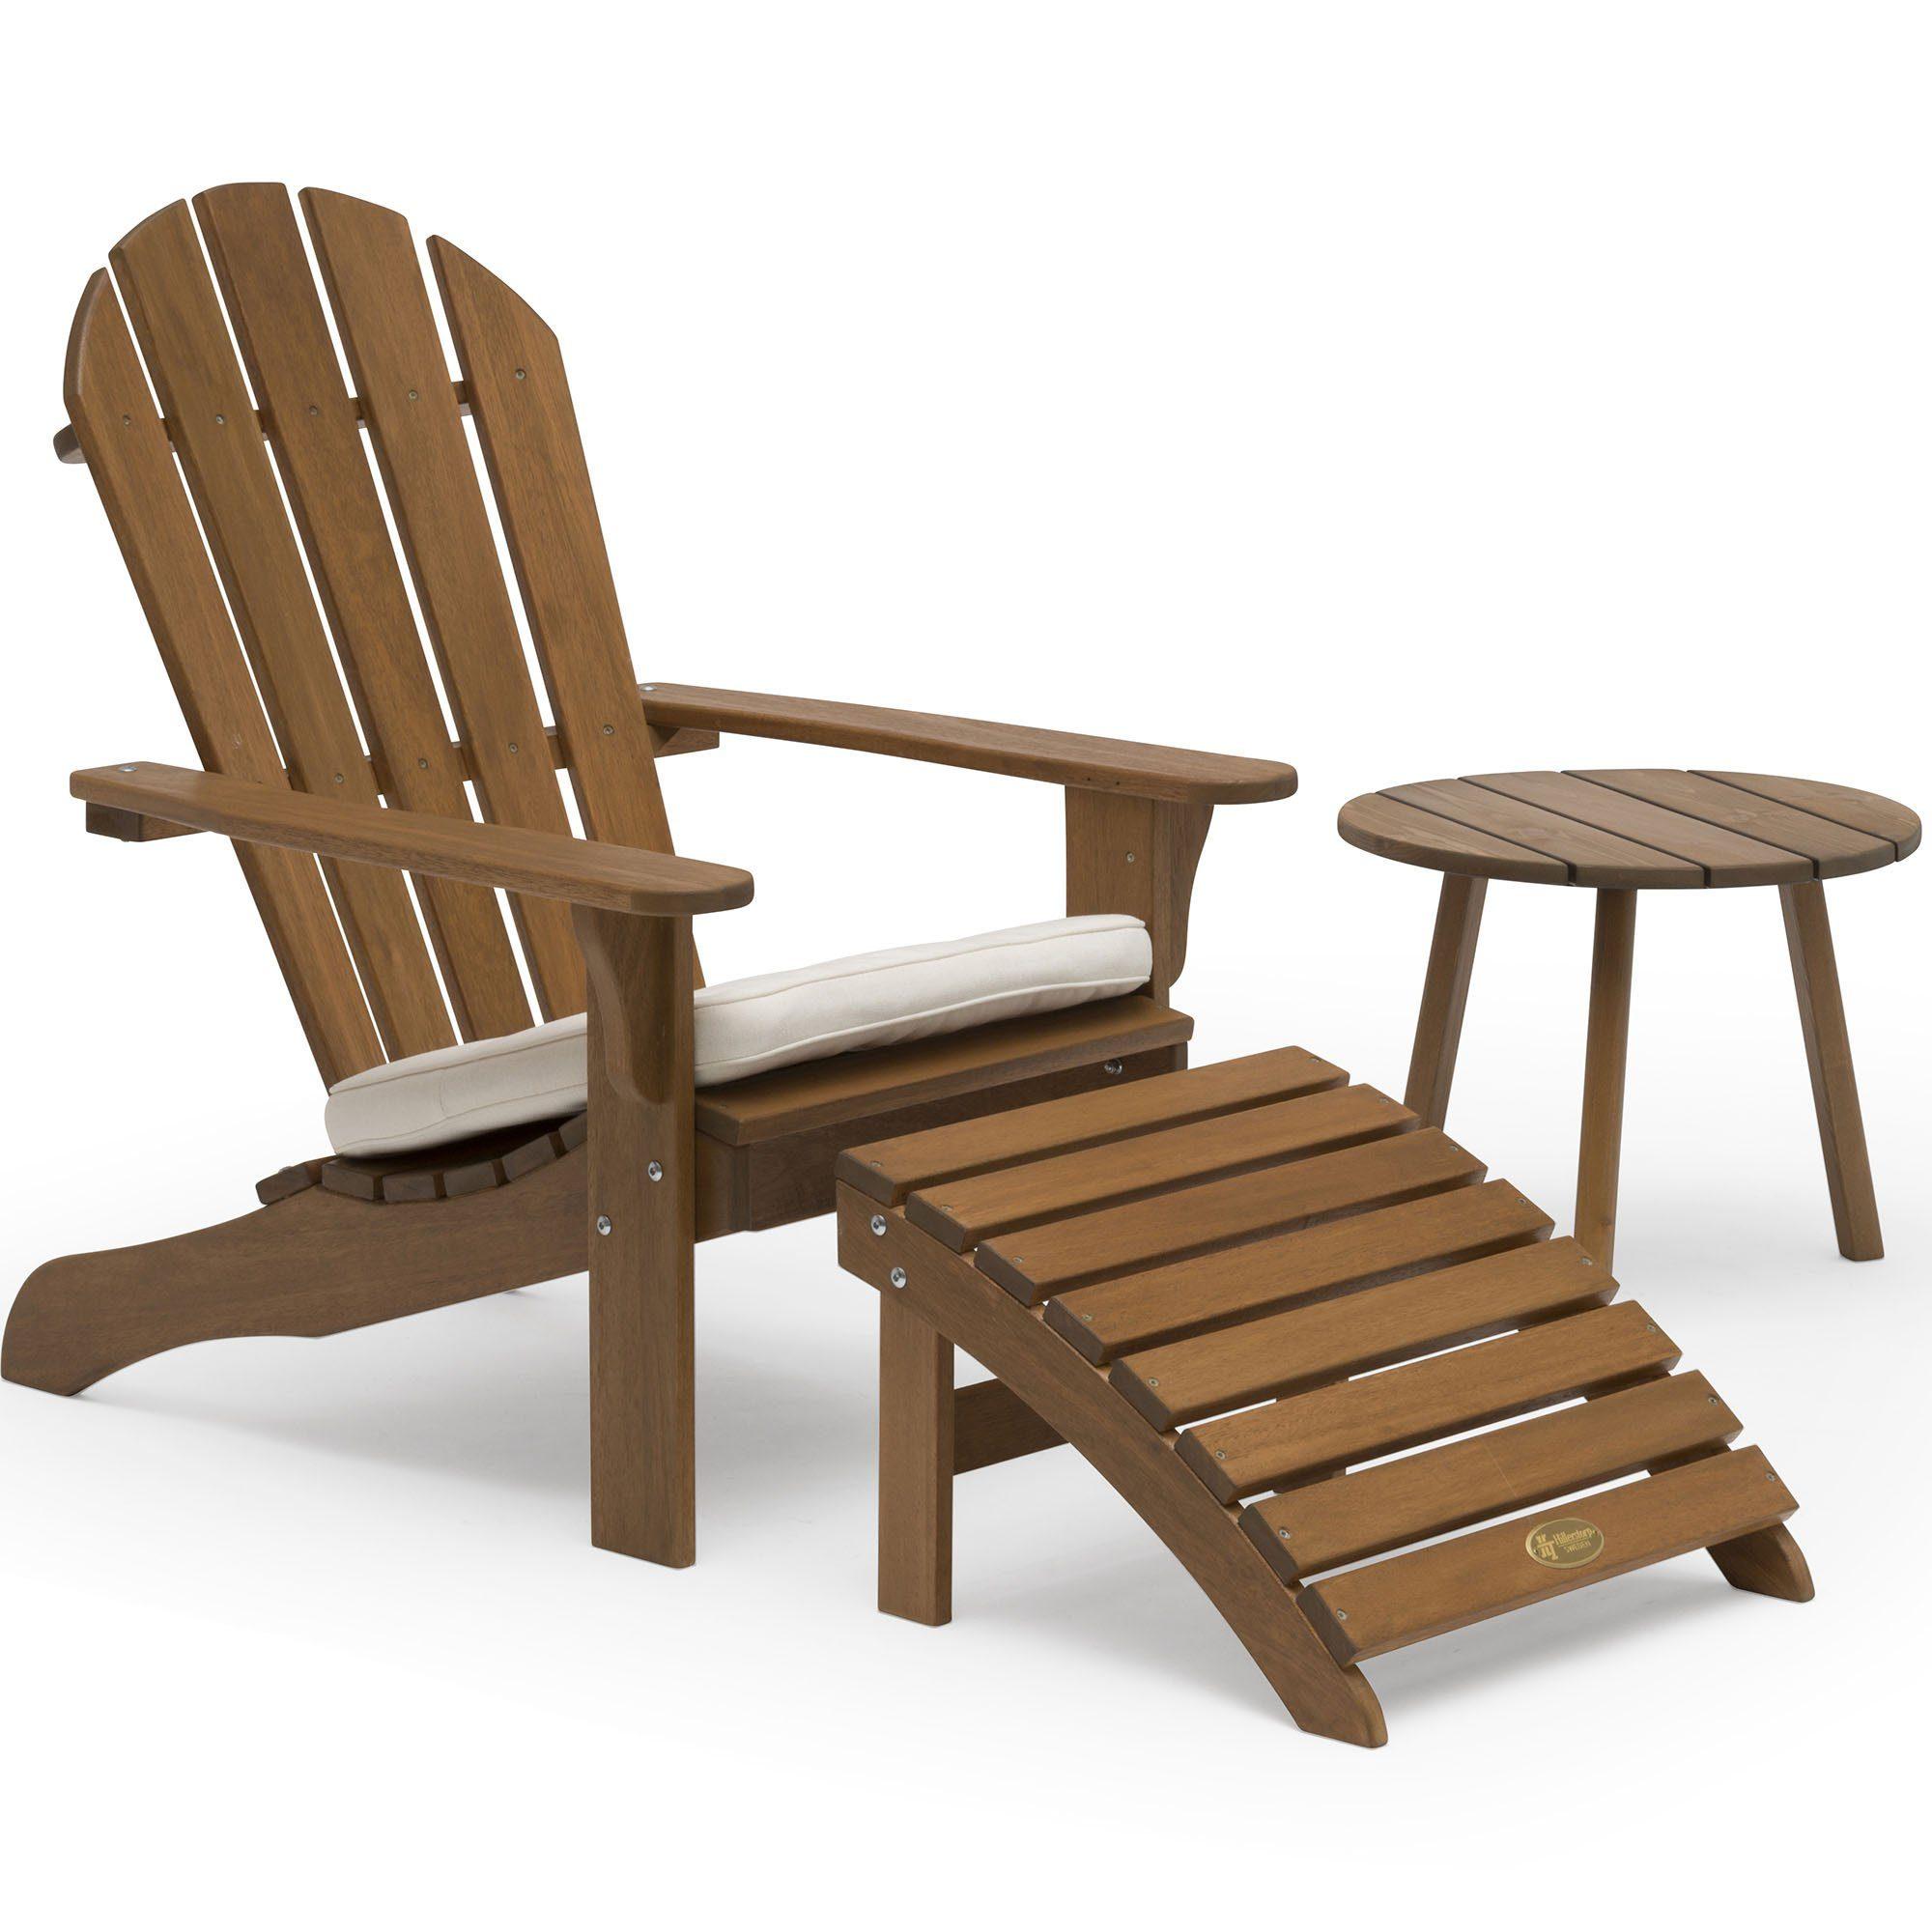 Tennessee däckstol och sidobord i värmebehandlad ask från Hillerstorp.